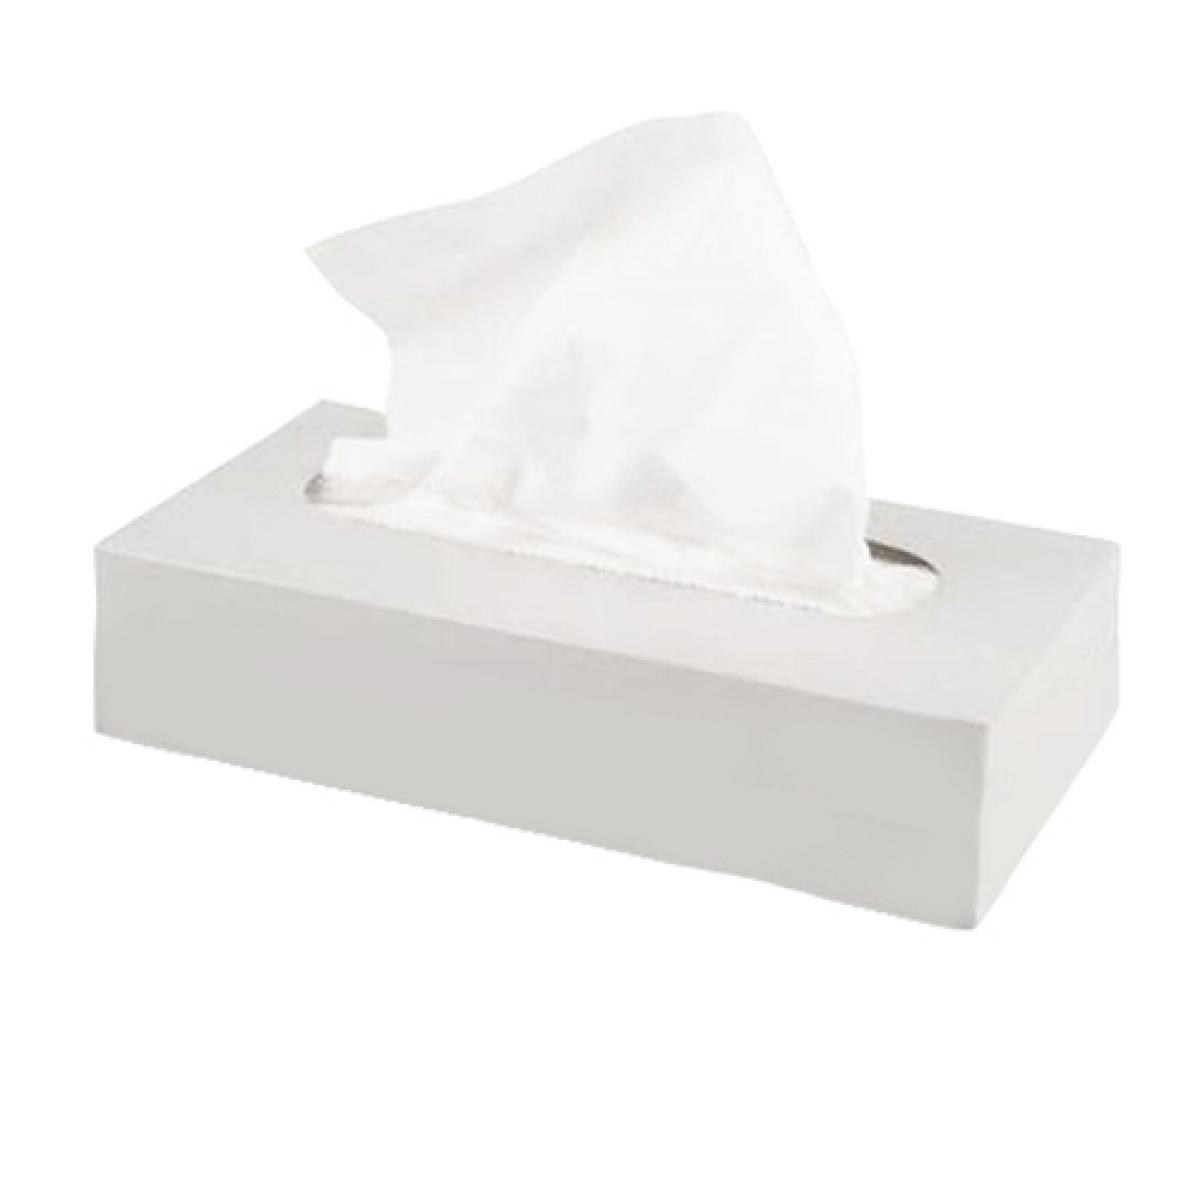 facial tissue 19*17